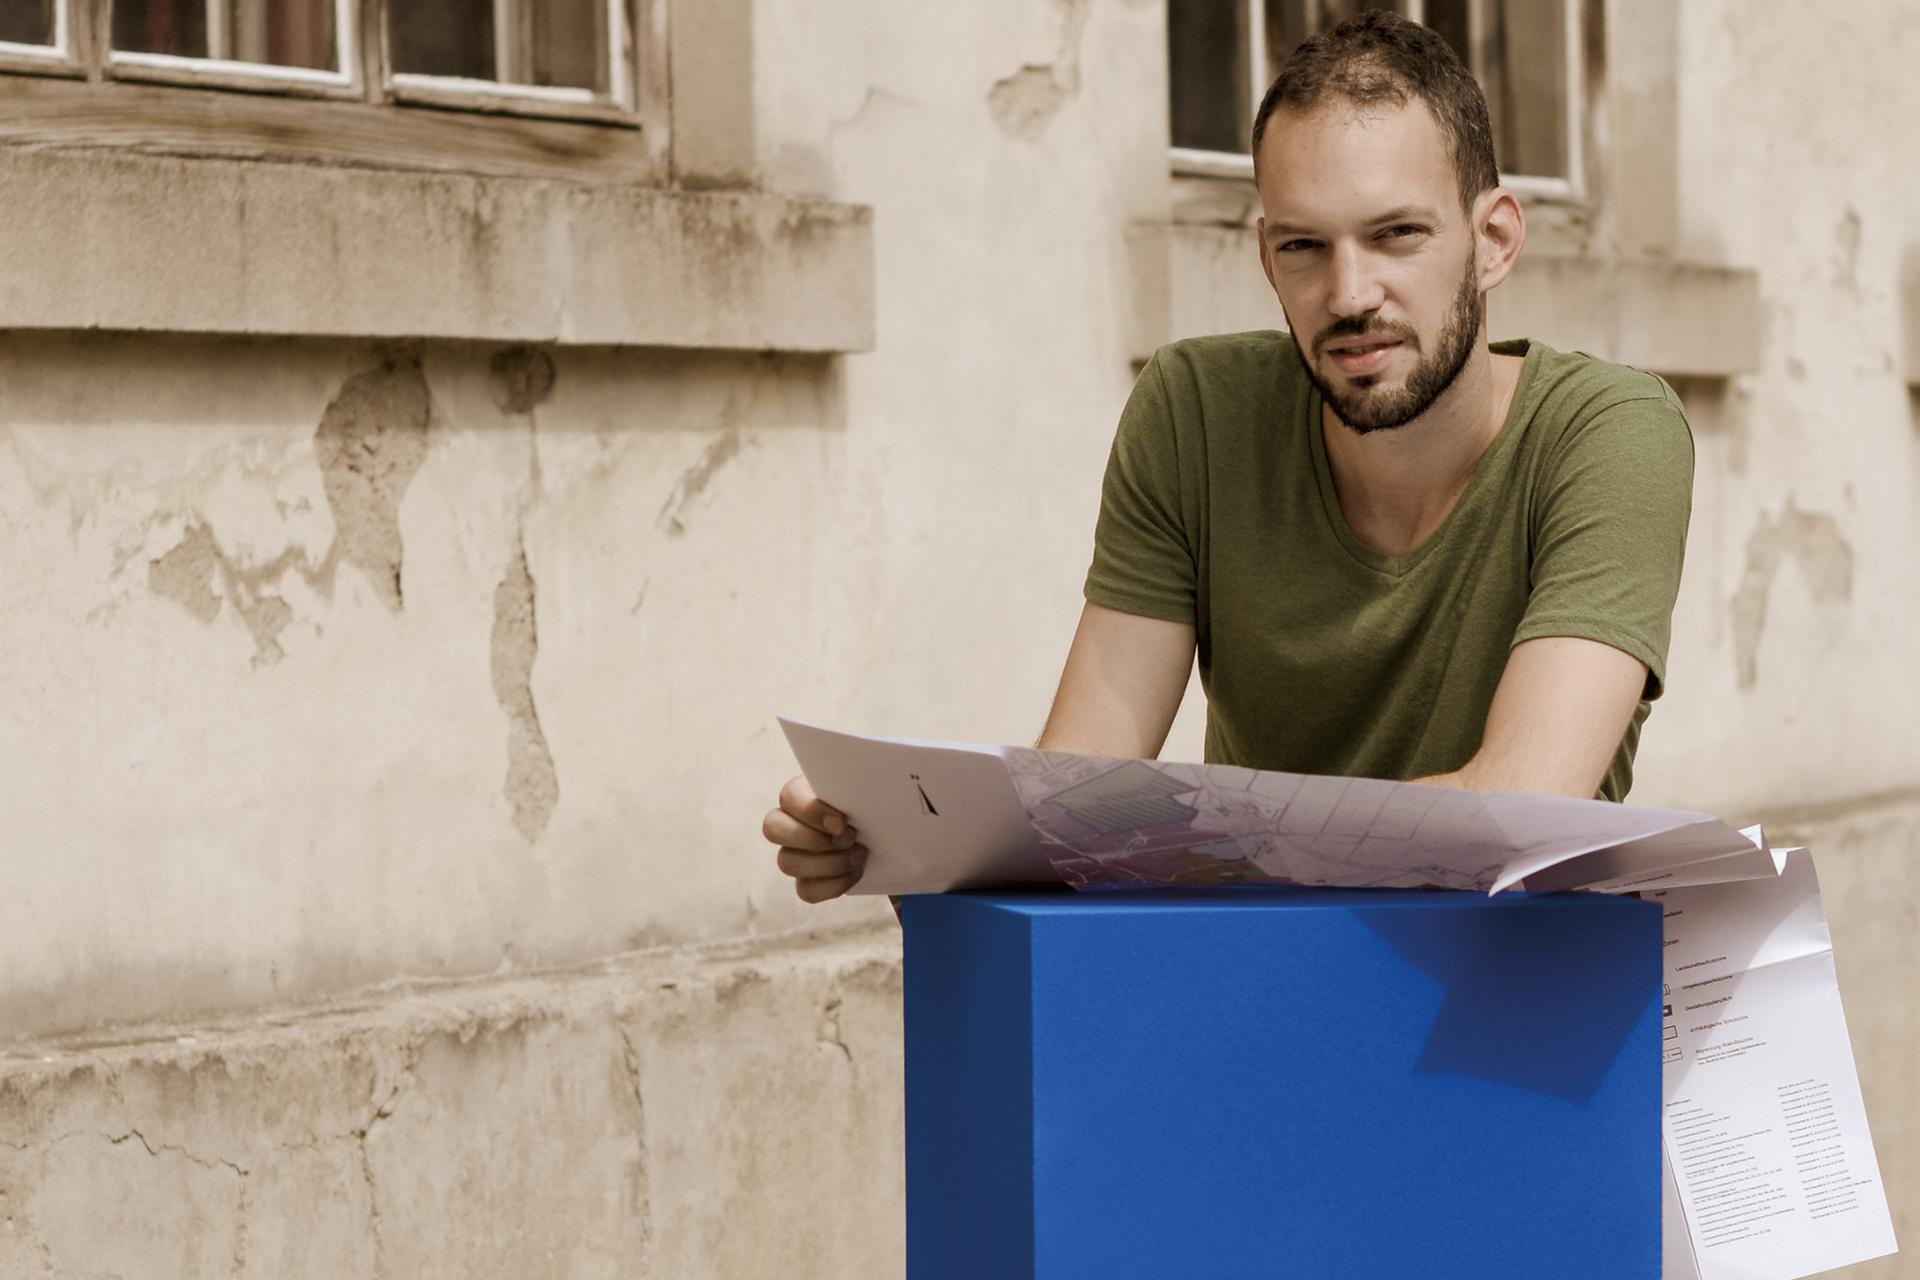 Ein Student der FHS St.Gallen studiert Baupläne, die auf einem blauen Quader liegen.